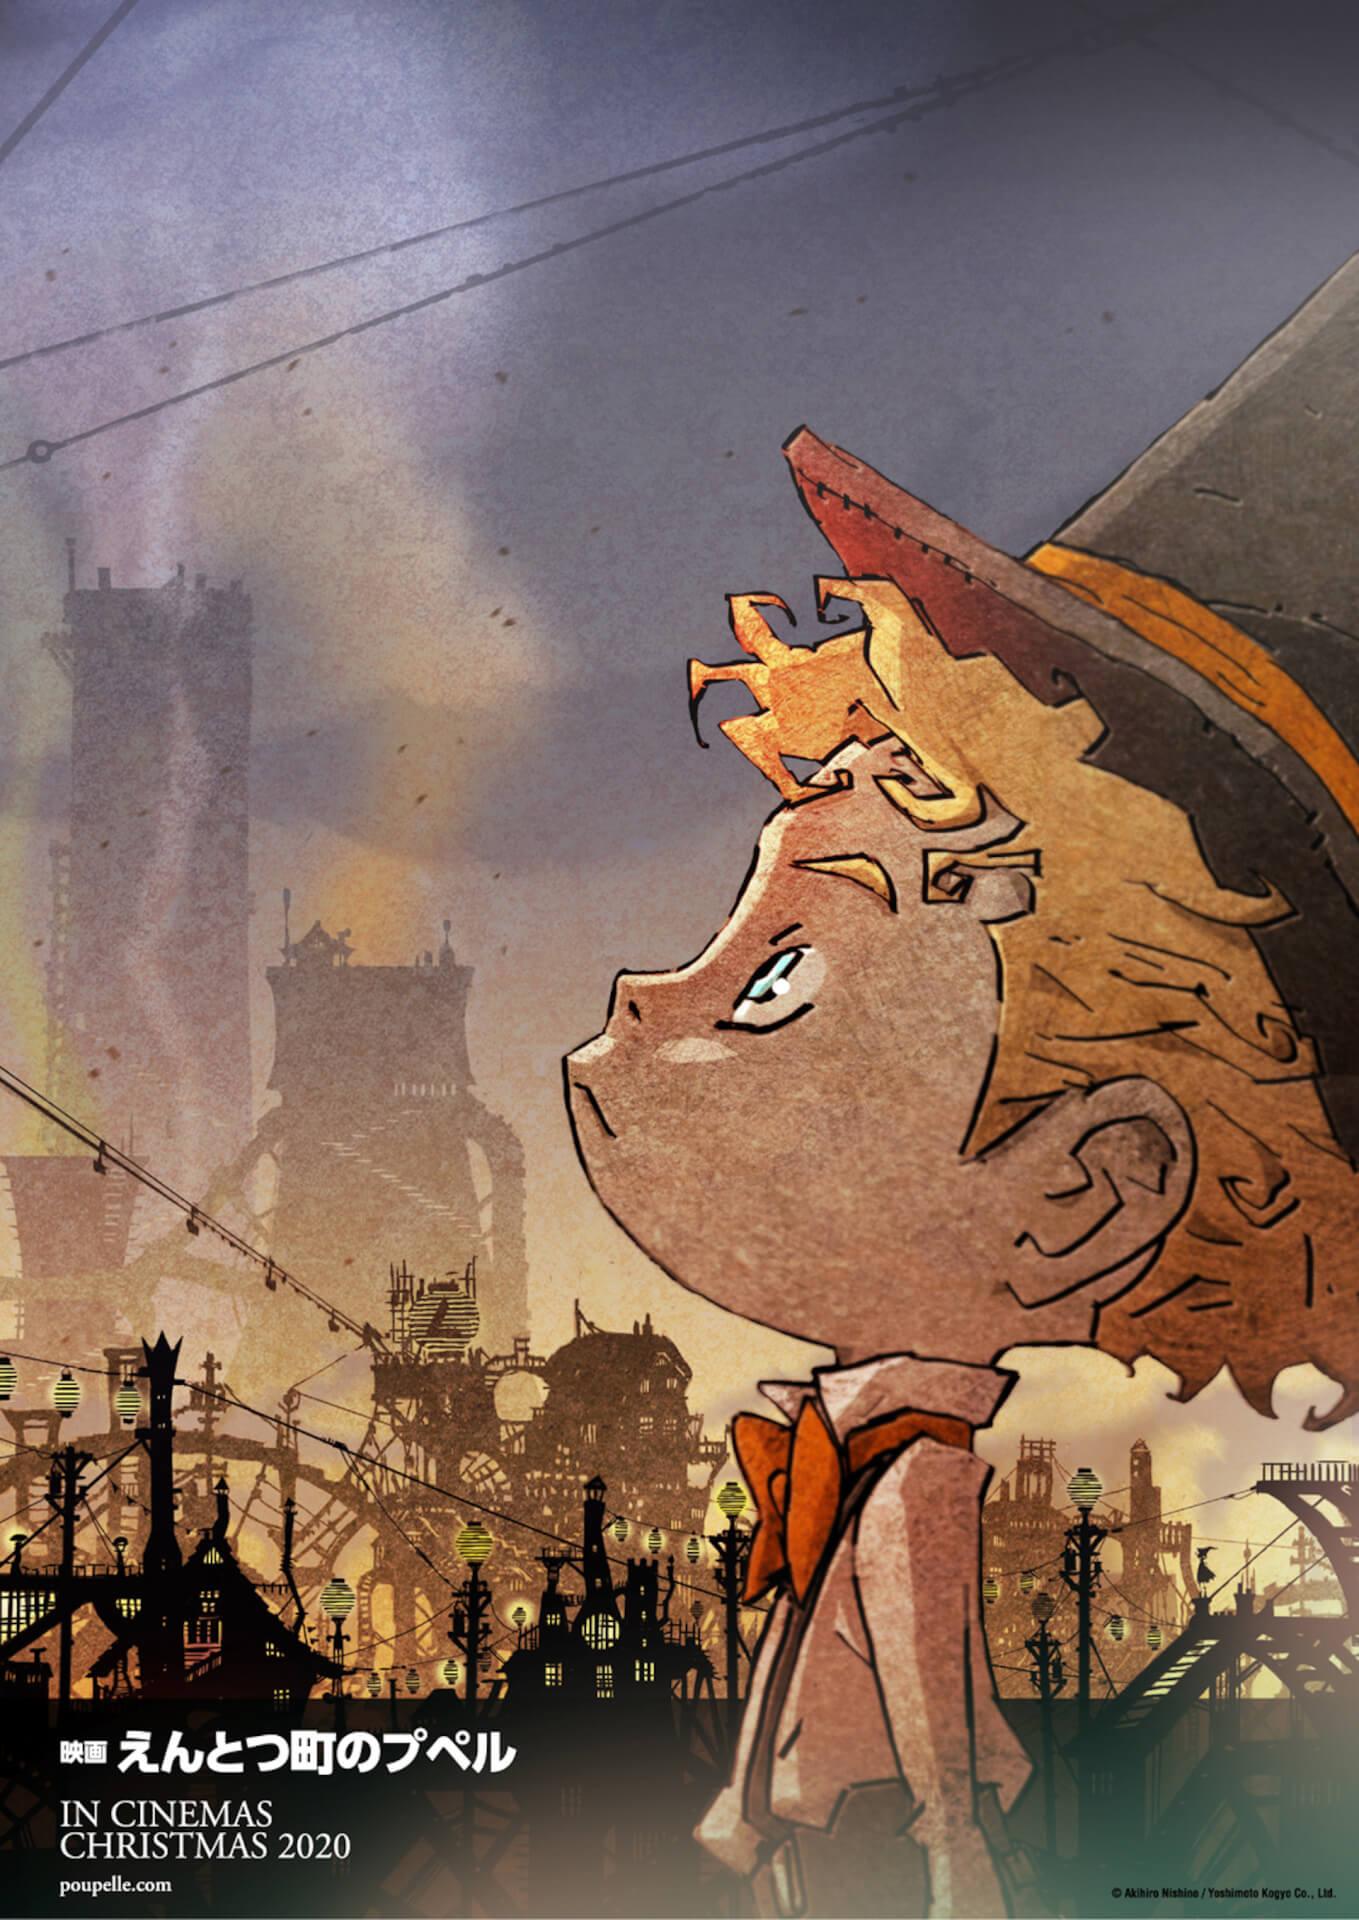 Аниме «Пупелль из города дымоходов» выйдет 25 декабря.